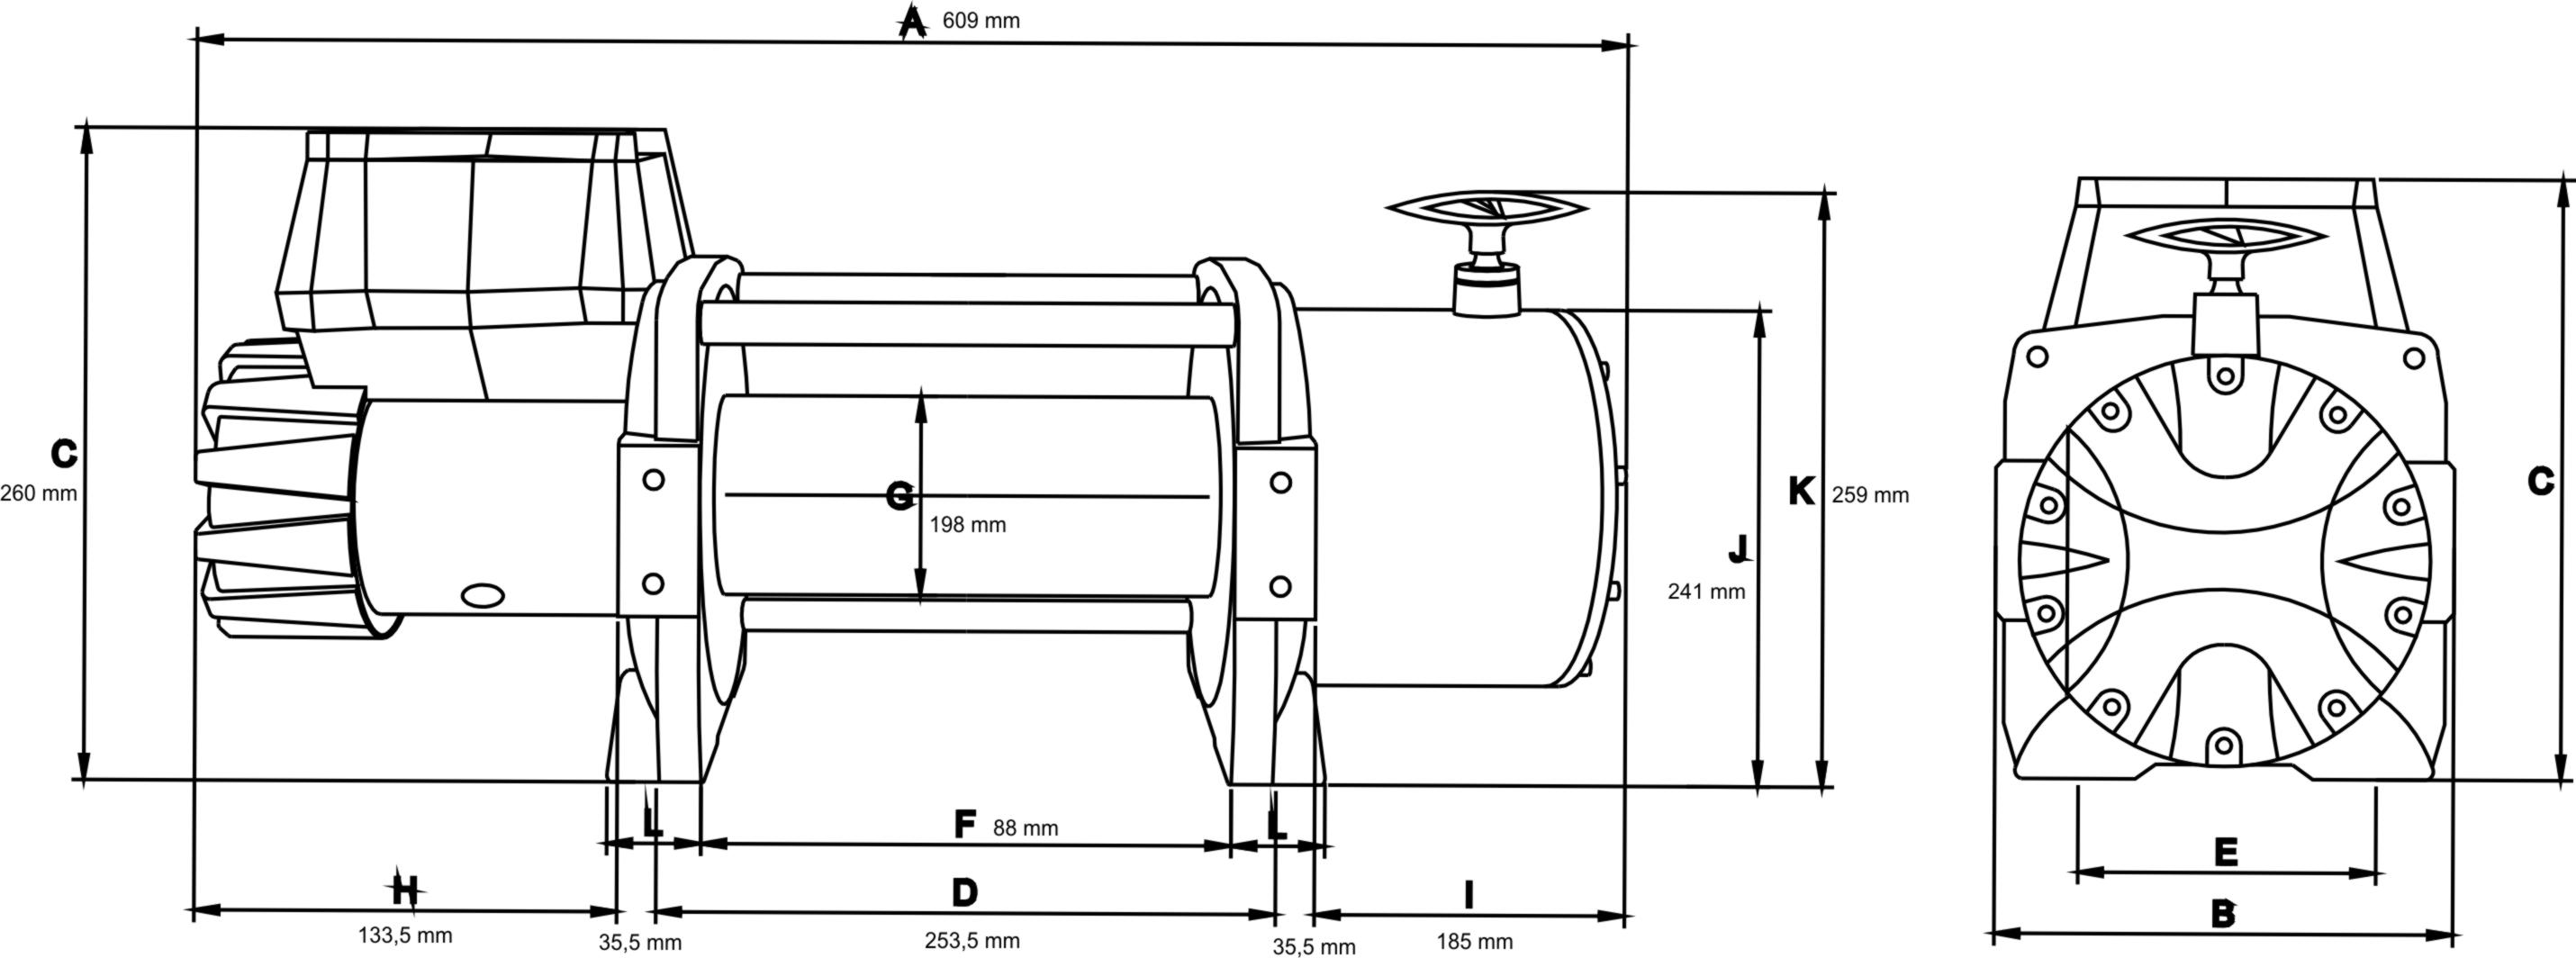 dragon winch wiring diagram